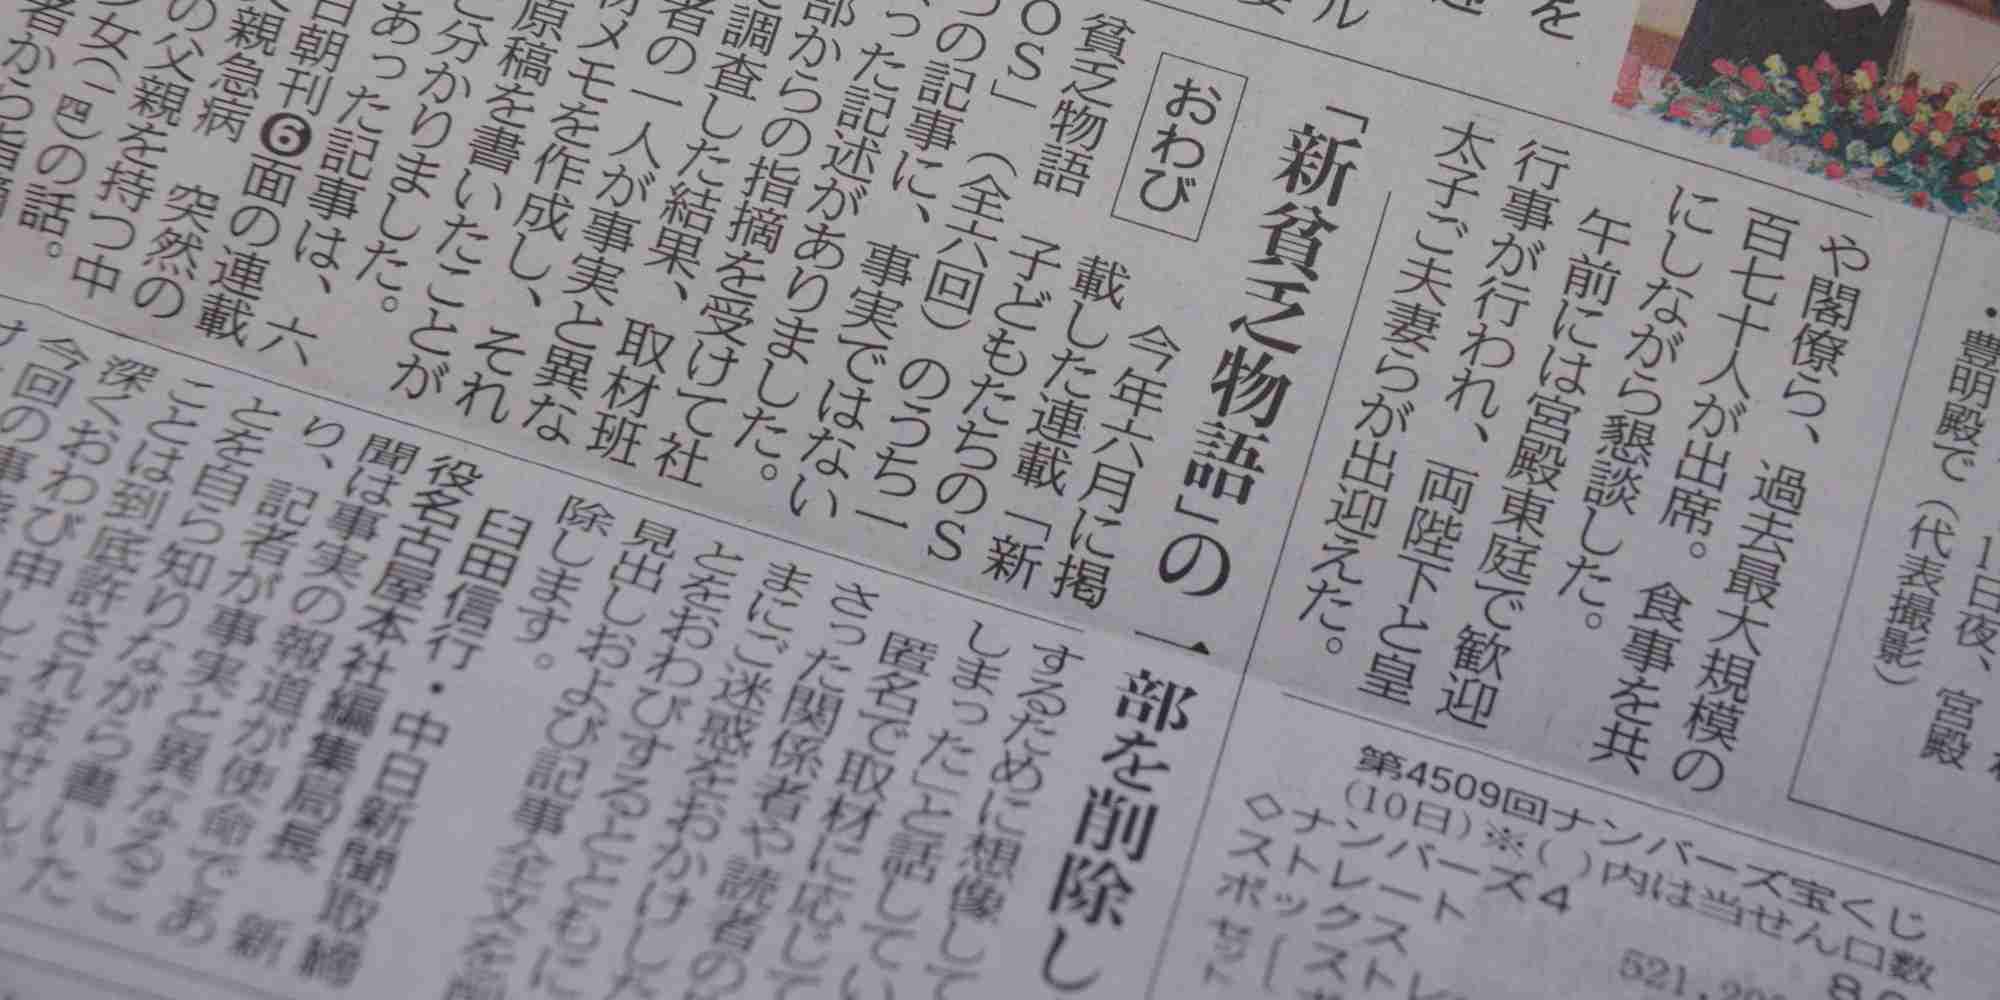 貧困記事ねつ造「記者が想像で書いた」 中日・東京新聞がお詫び掲載